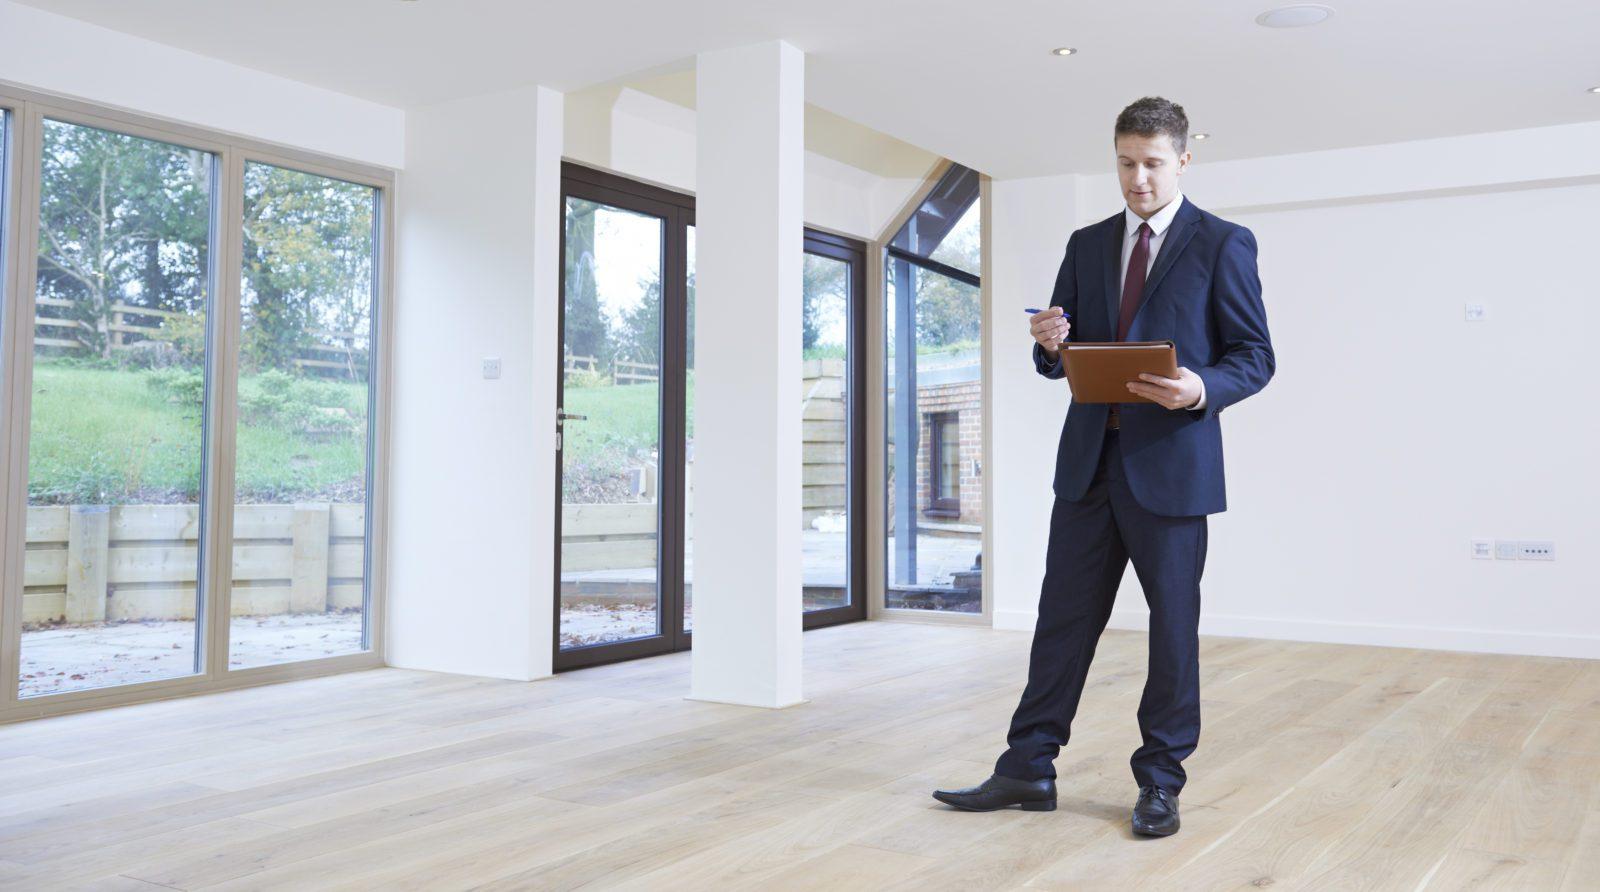 Экспертиза недвижимости может заключаться в обследовании объекта, определении его рыночной цены, даче заключений по другим вопросам.